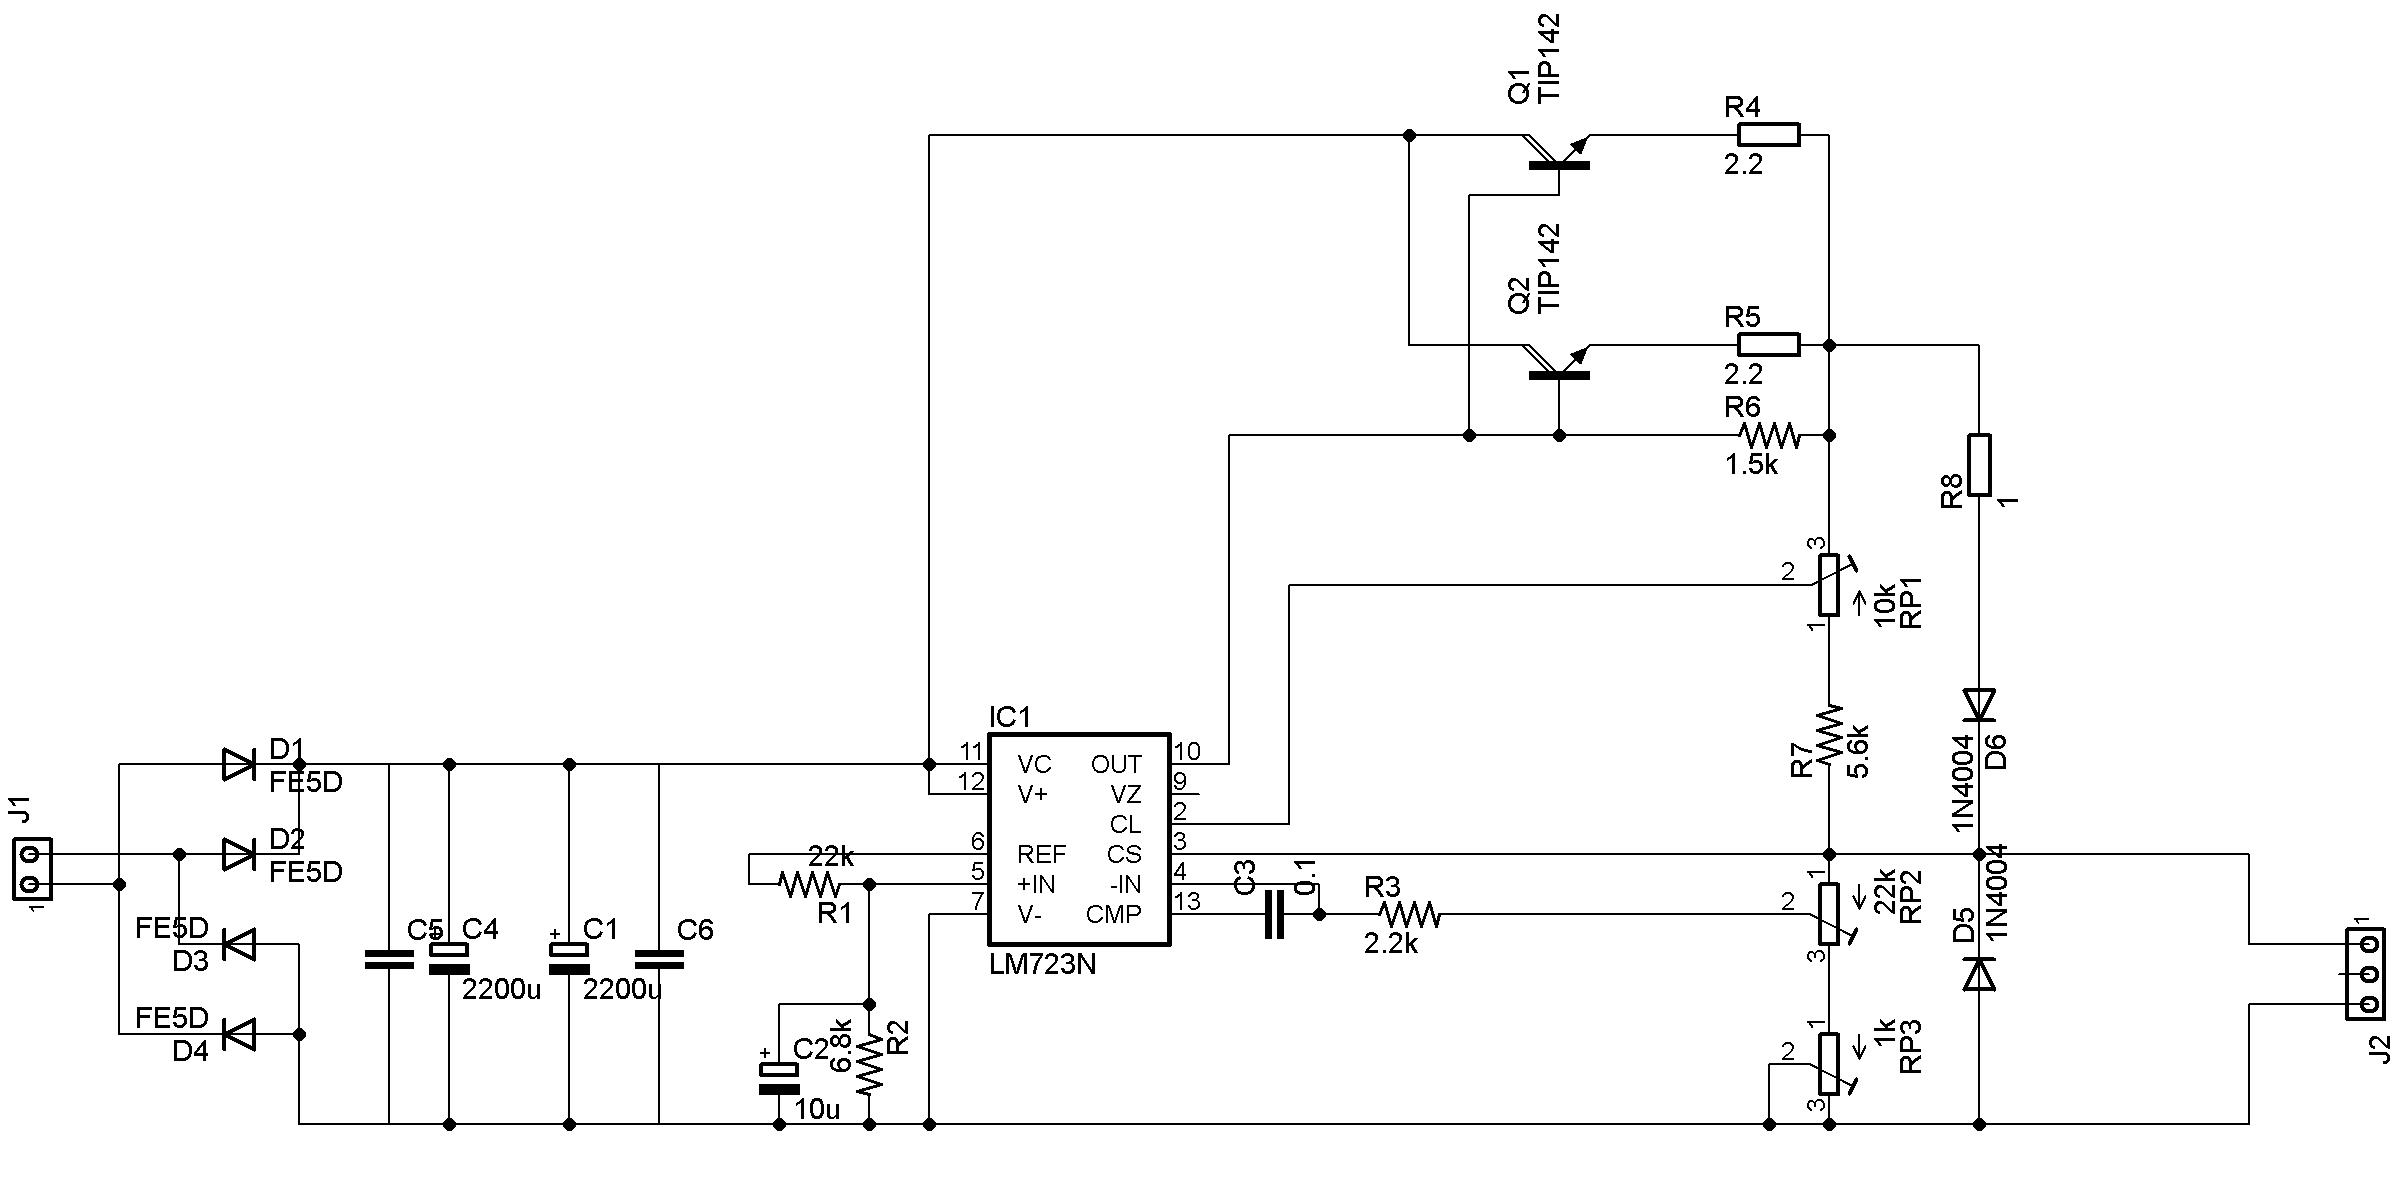 Схема блока питания 1501